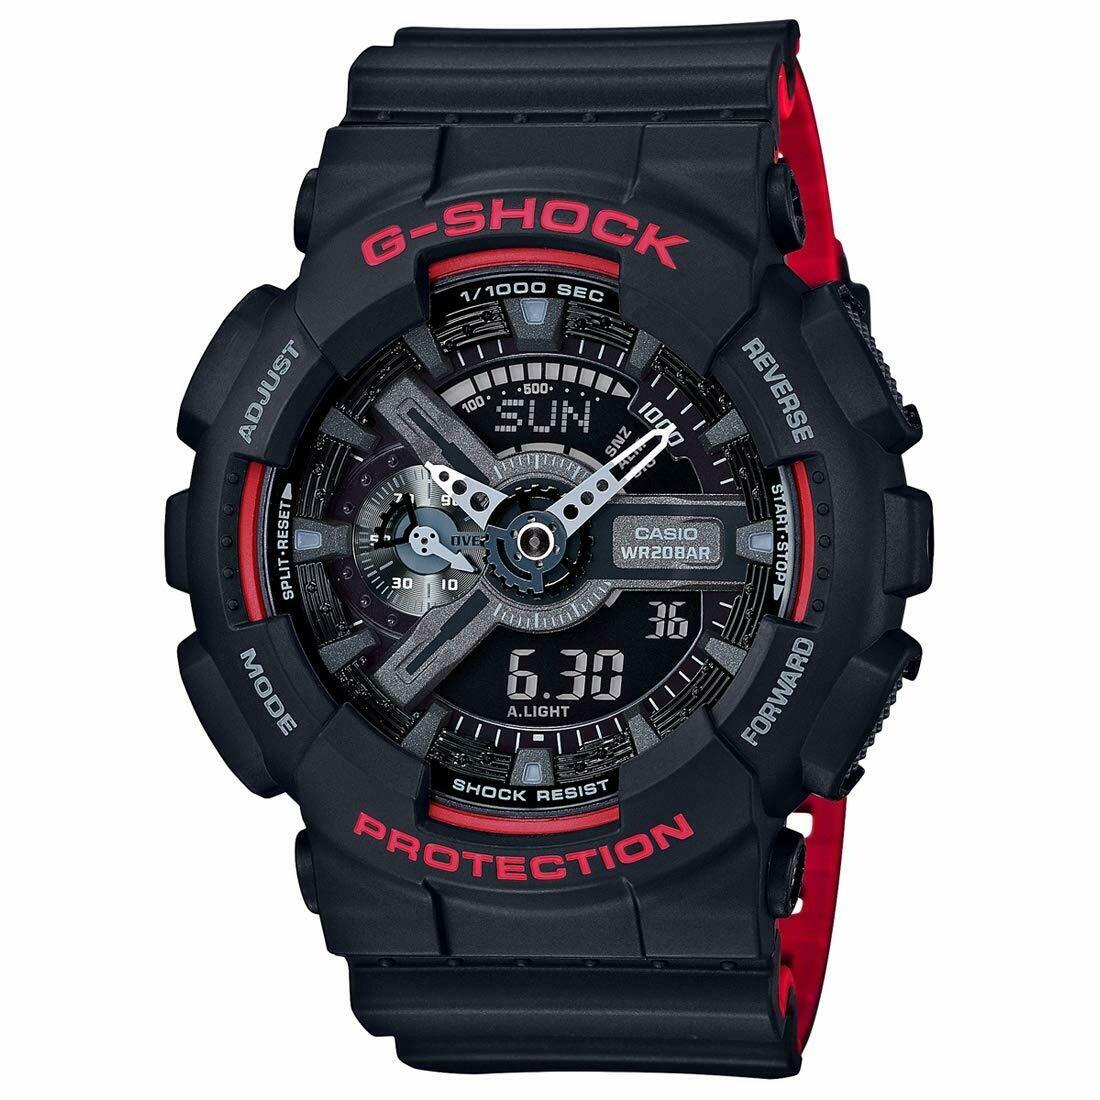 Casio G-Shock GA-110HR-1ADR Analog-Digital Wrist Watch For Men - Black